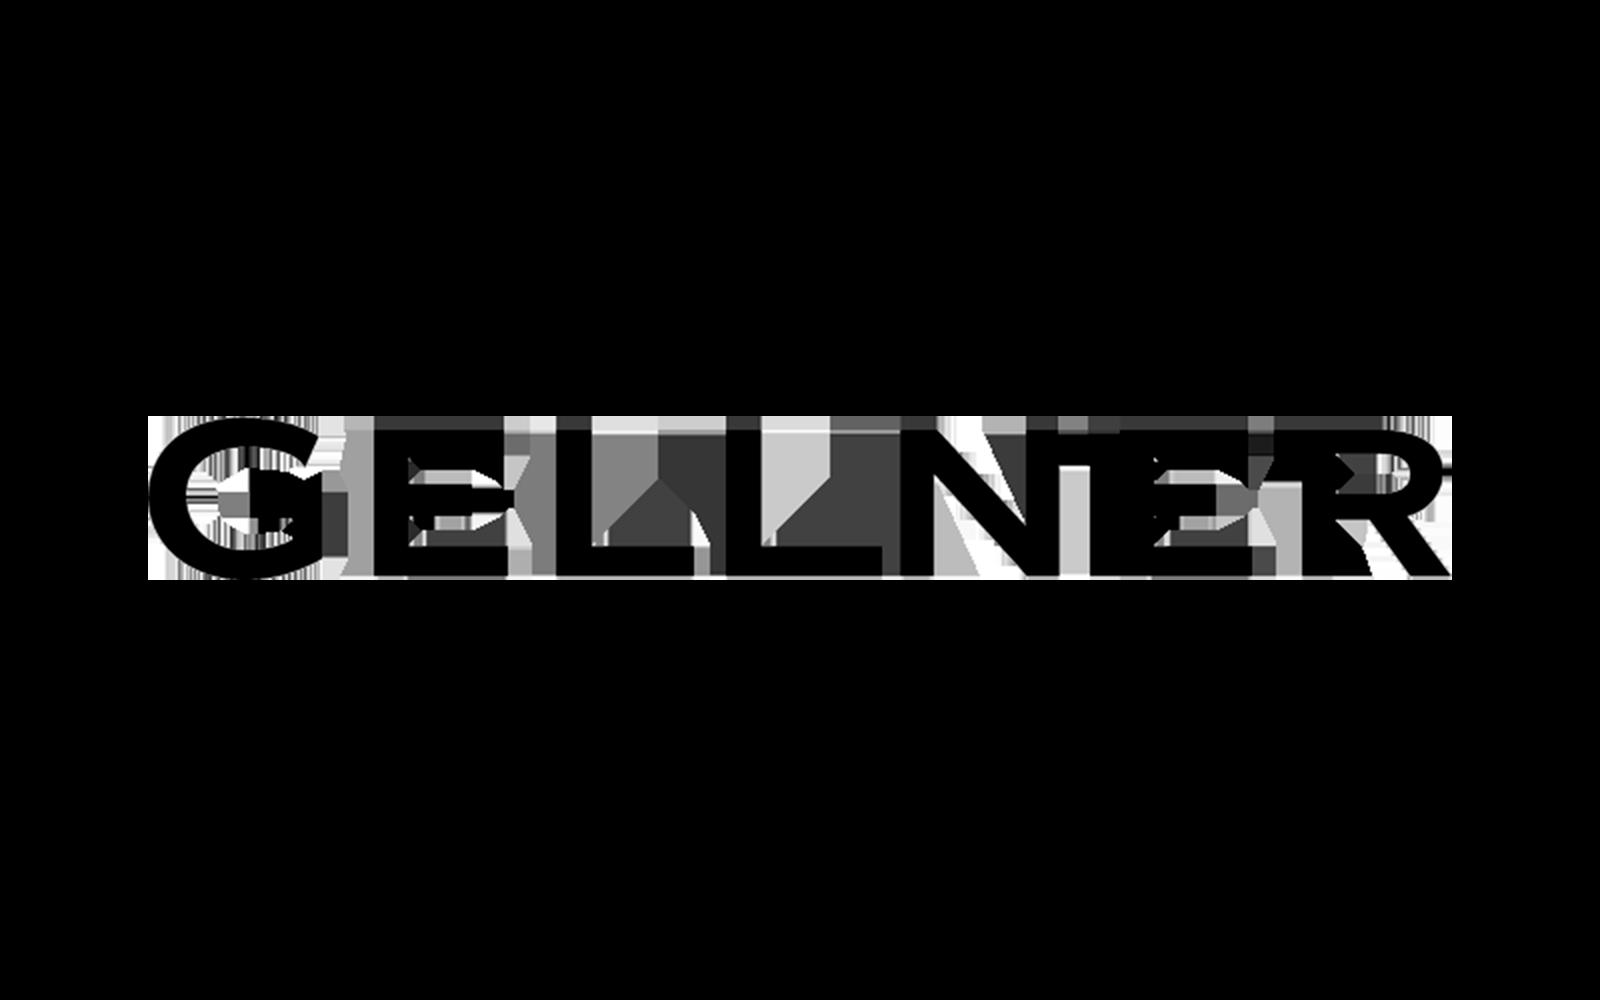 Gellner